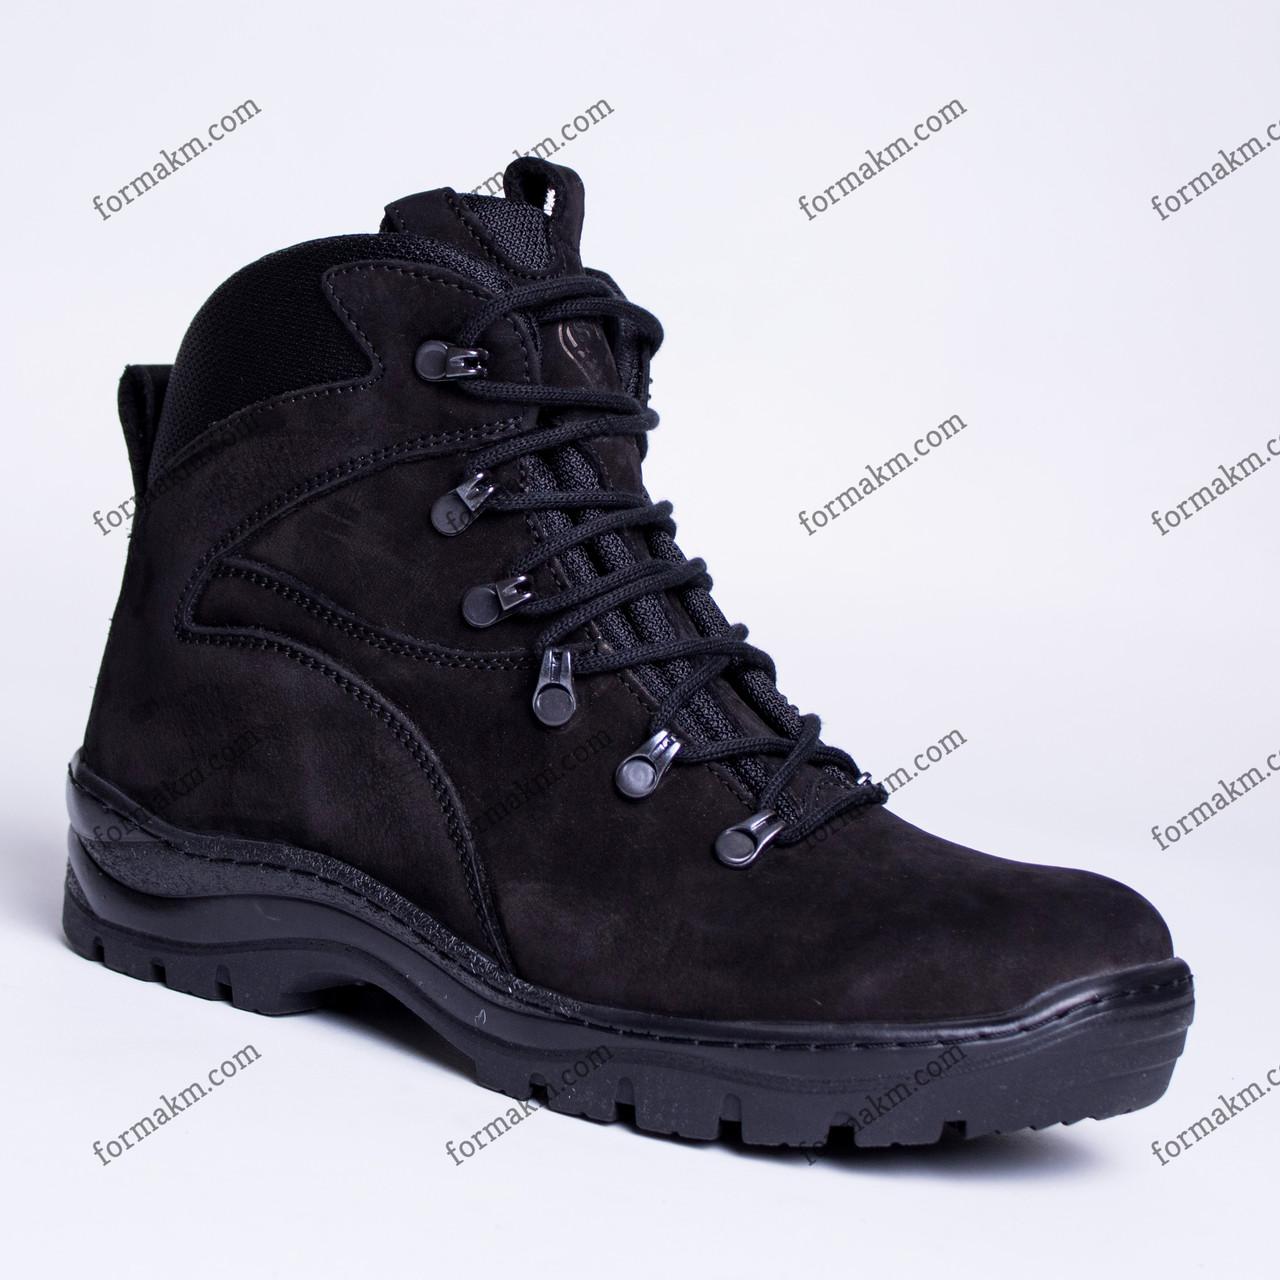 Тактические Ботинки, Полуботинки Зимние Desert Black